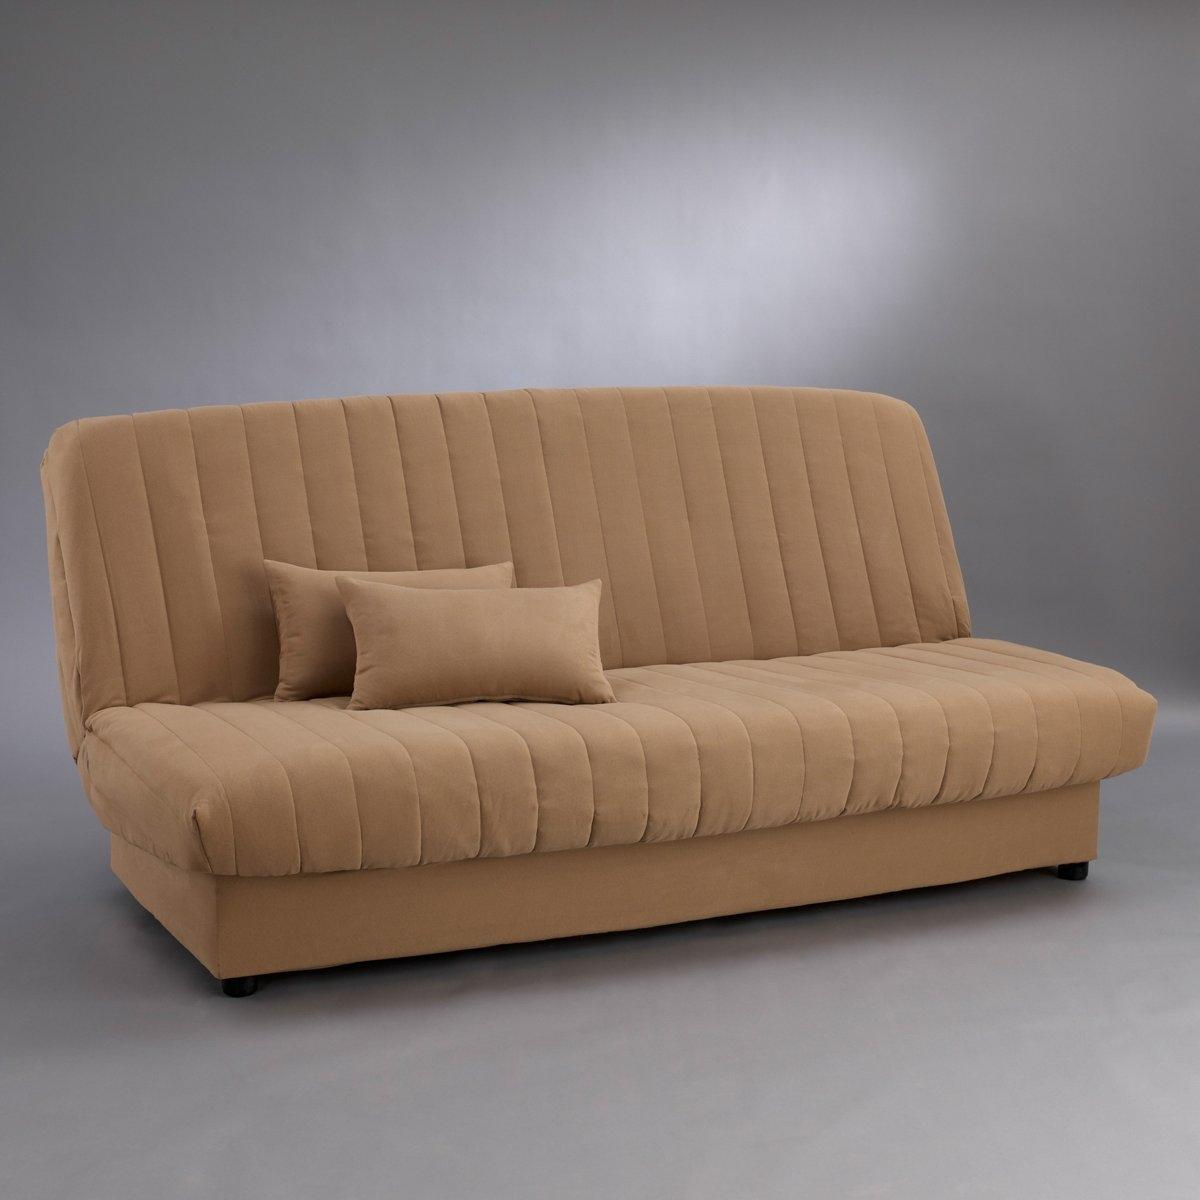 Чехол из искусственной замши для основания раскладного дивана.